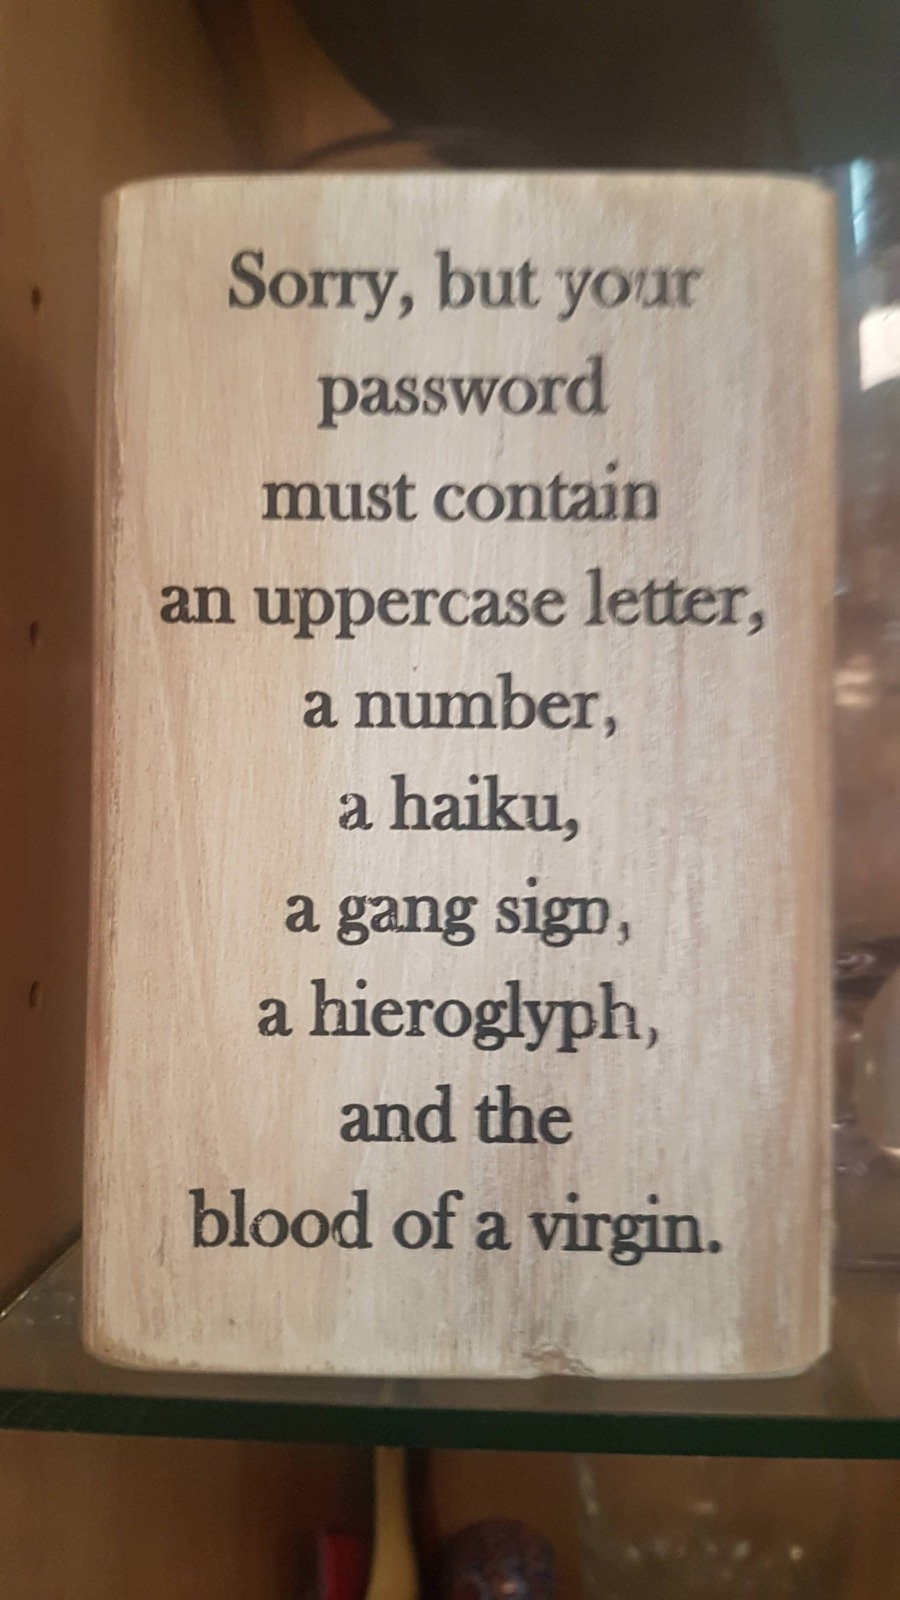 Richtlinien für Passworte.